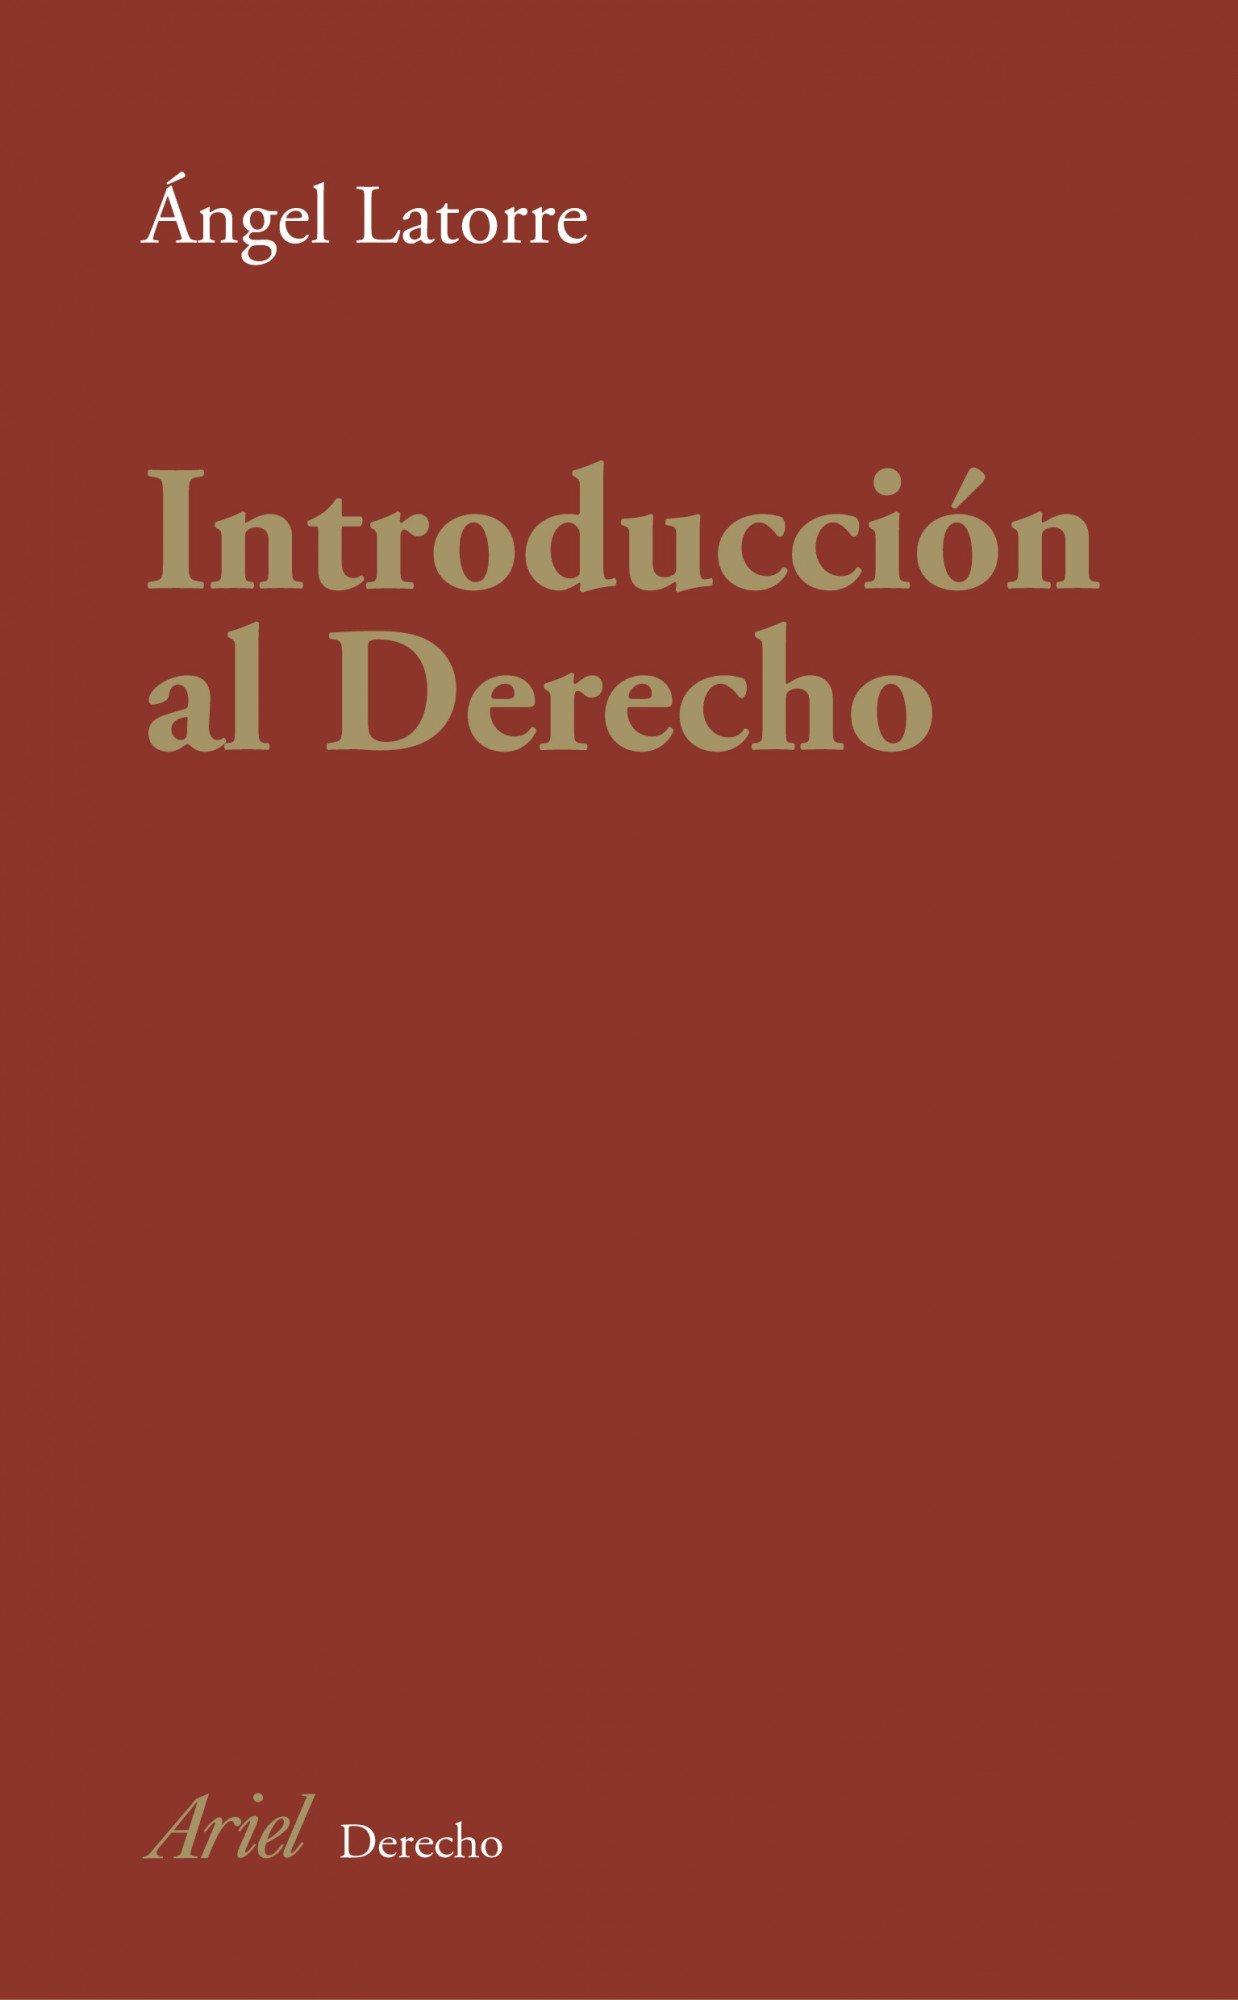 Introducción al Derecho (Ariel Derecho): Amazon.es: Ángel Latorre: Libros